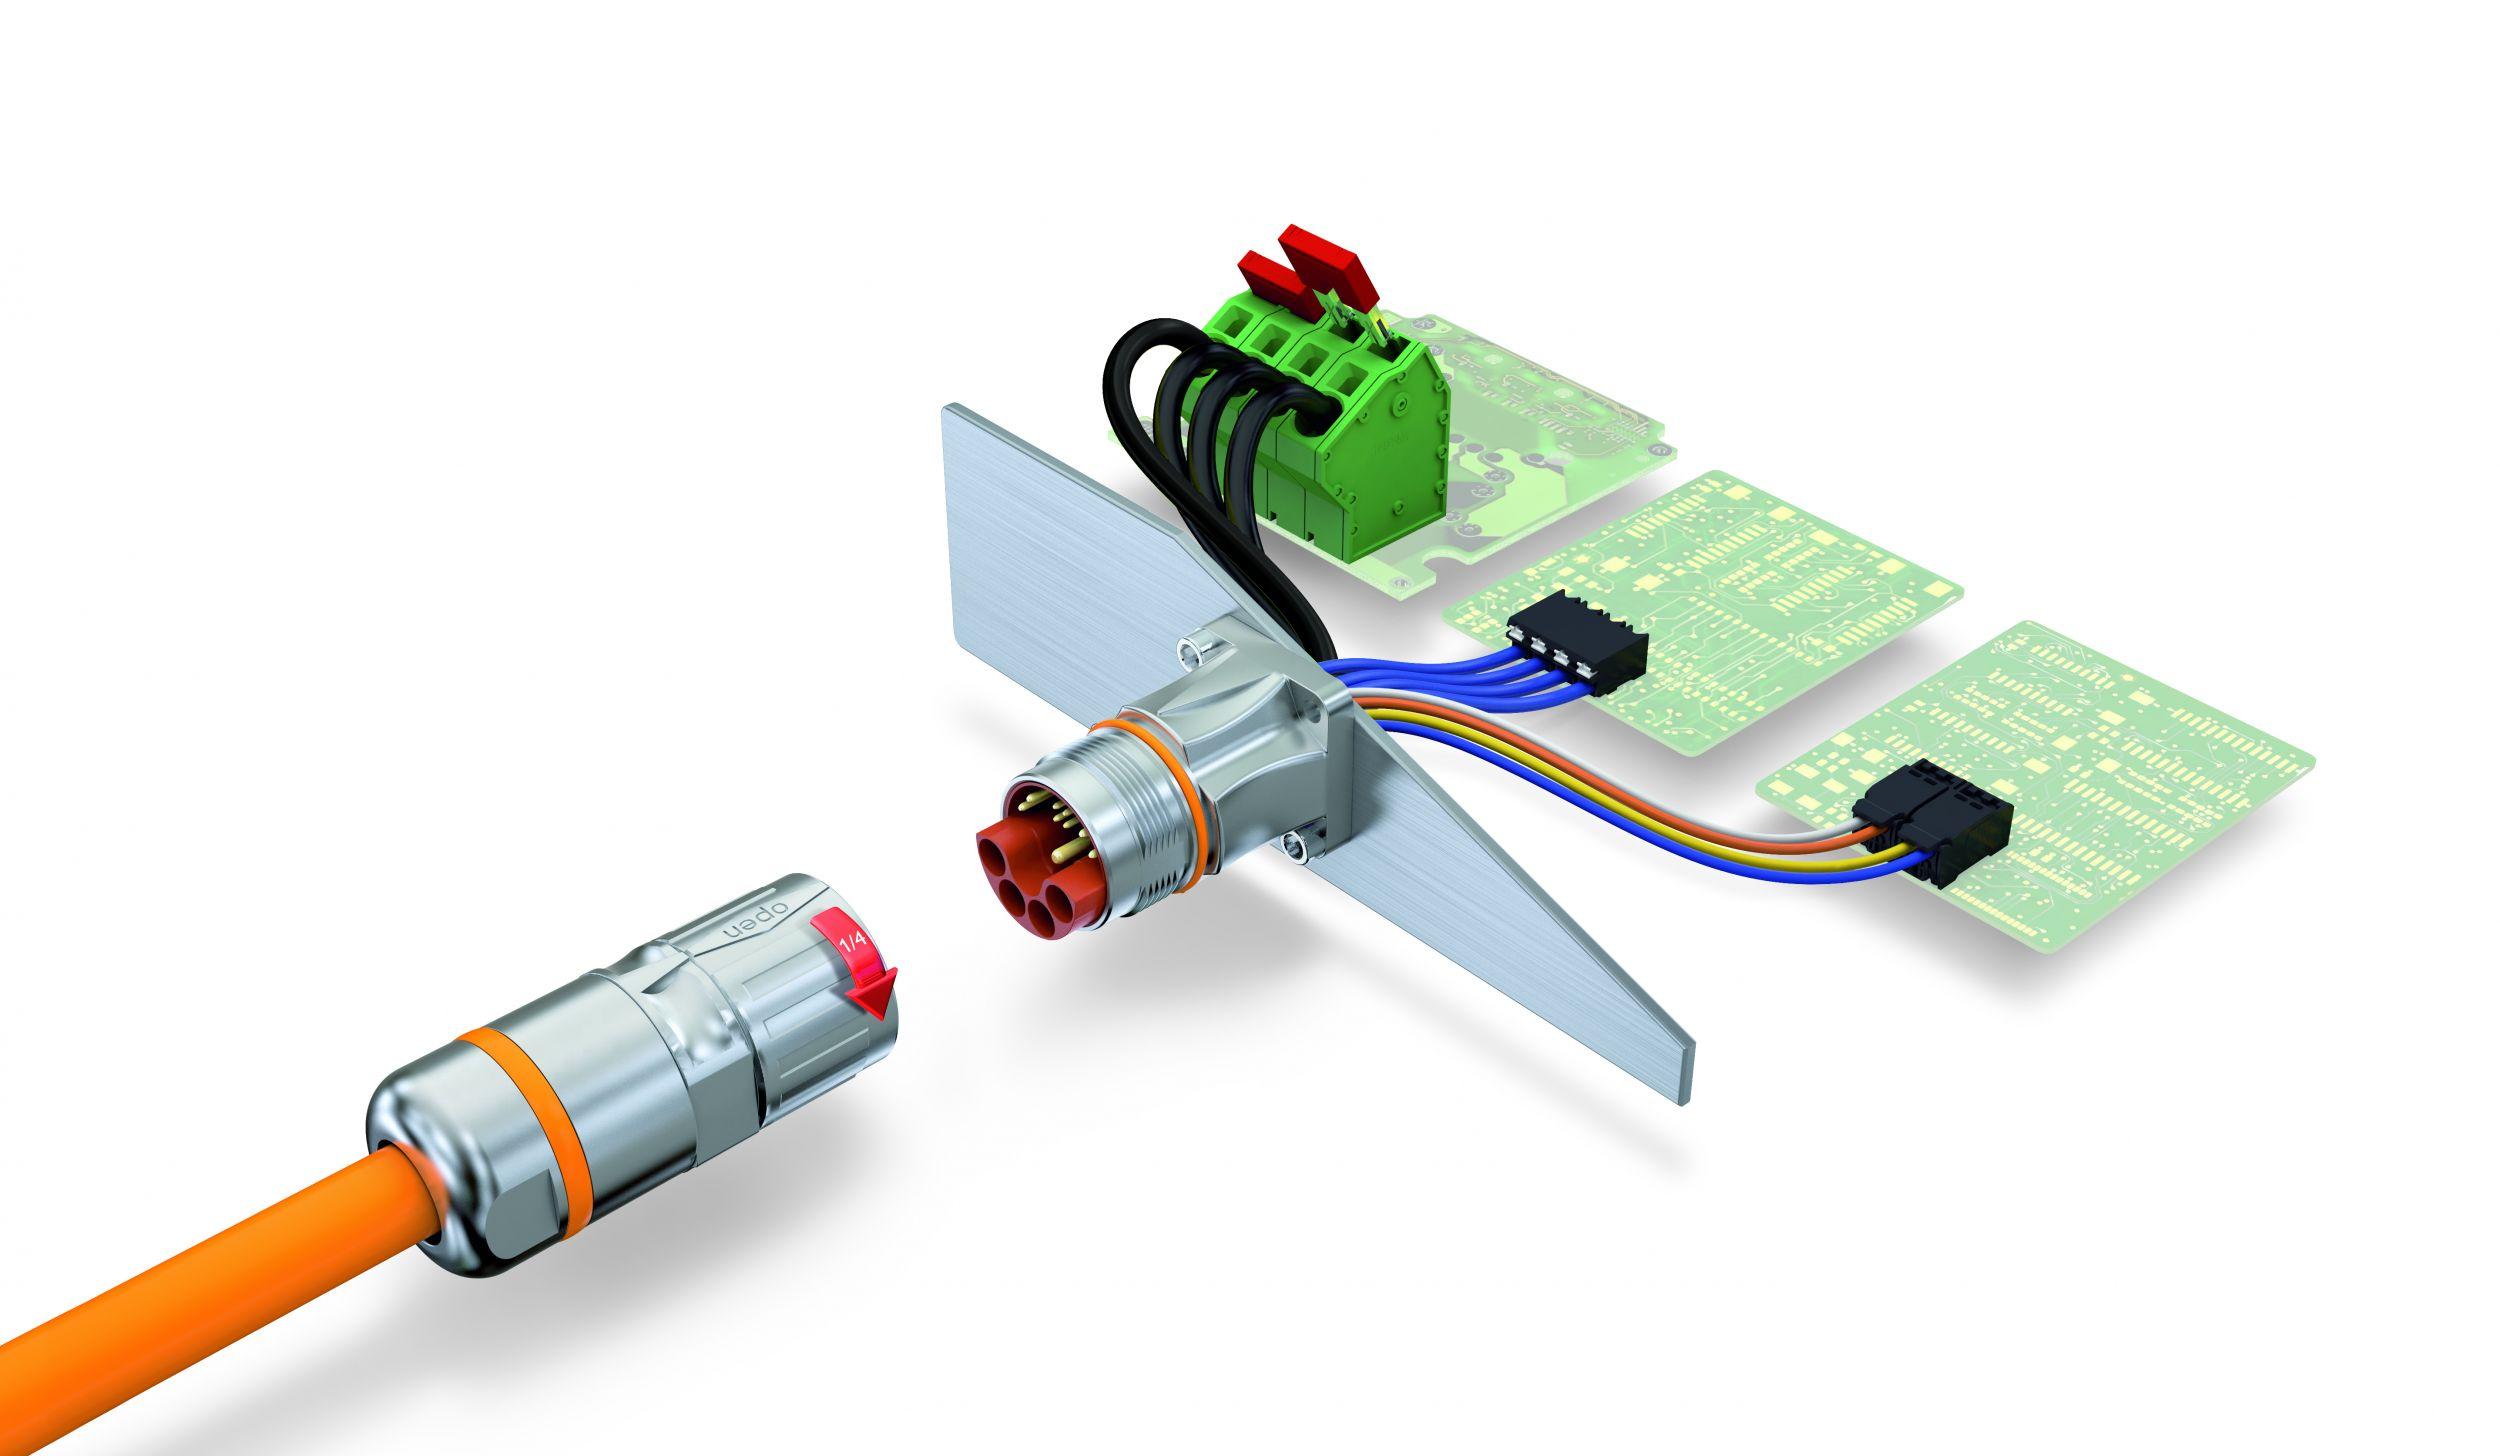 Geräteanschlüsse und Elektronikgehäuse: Intelligent und passiv